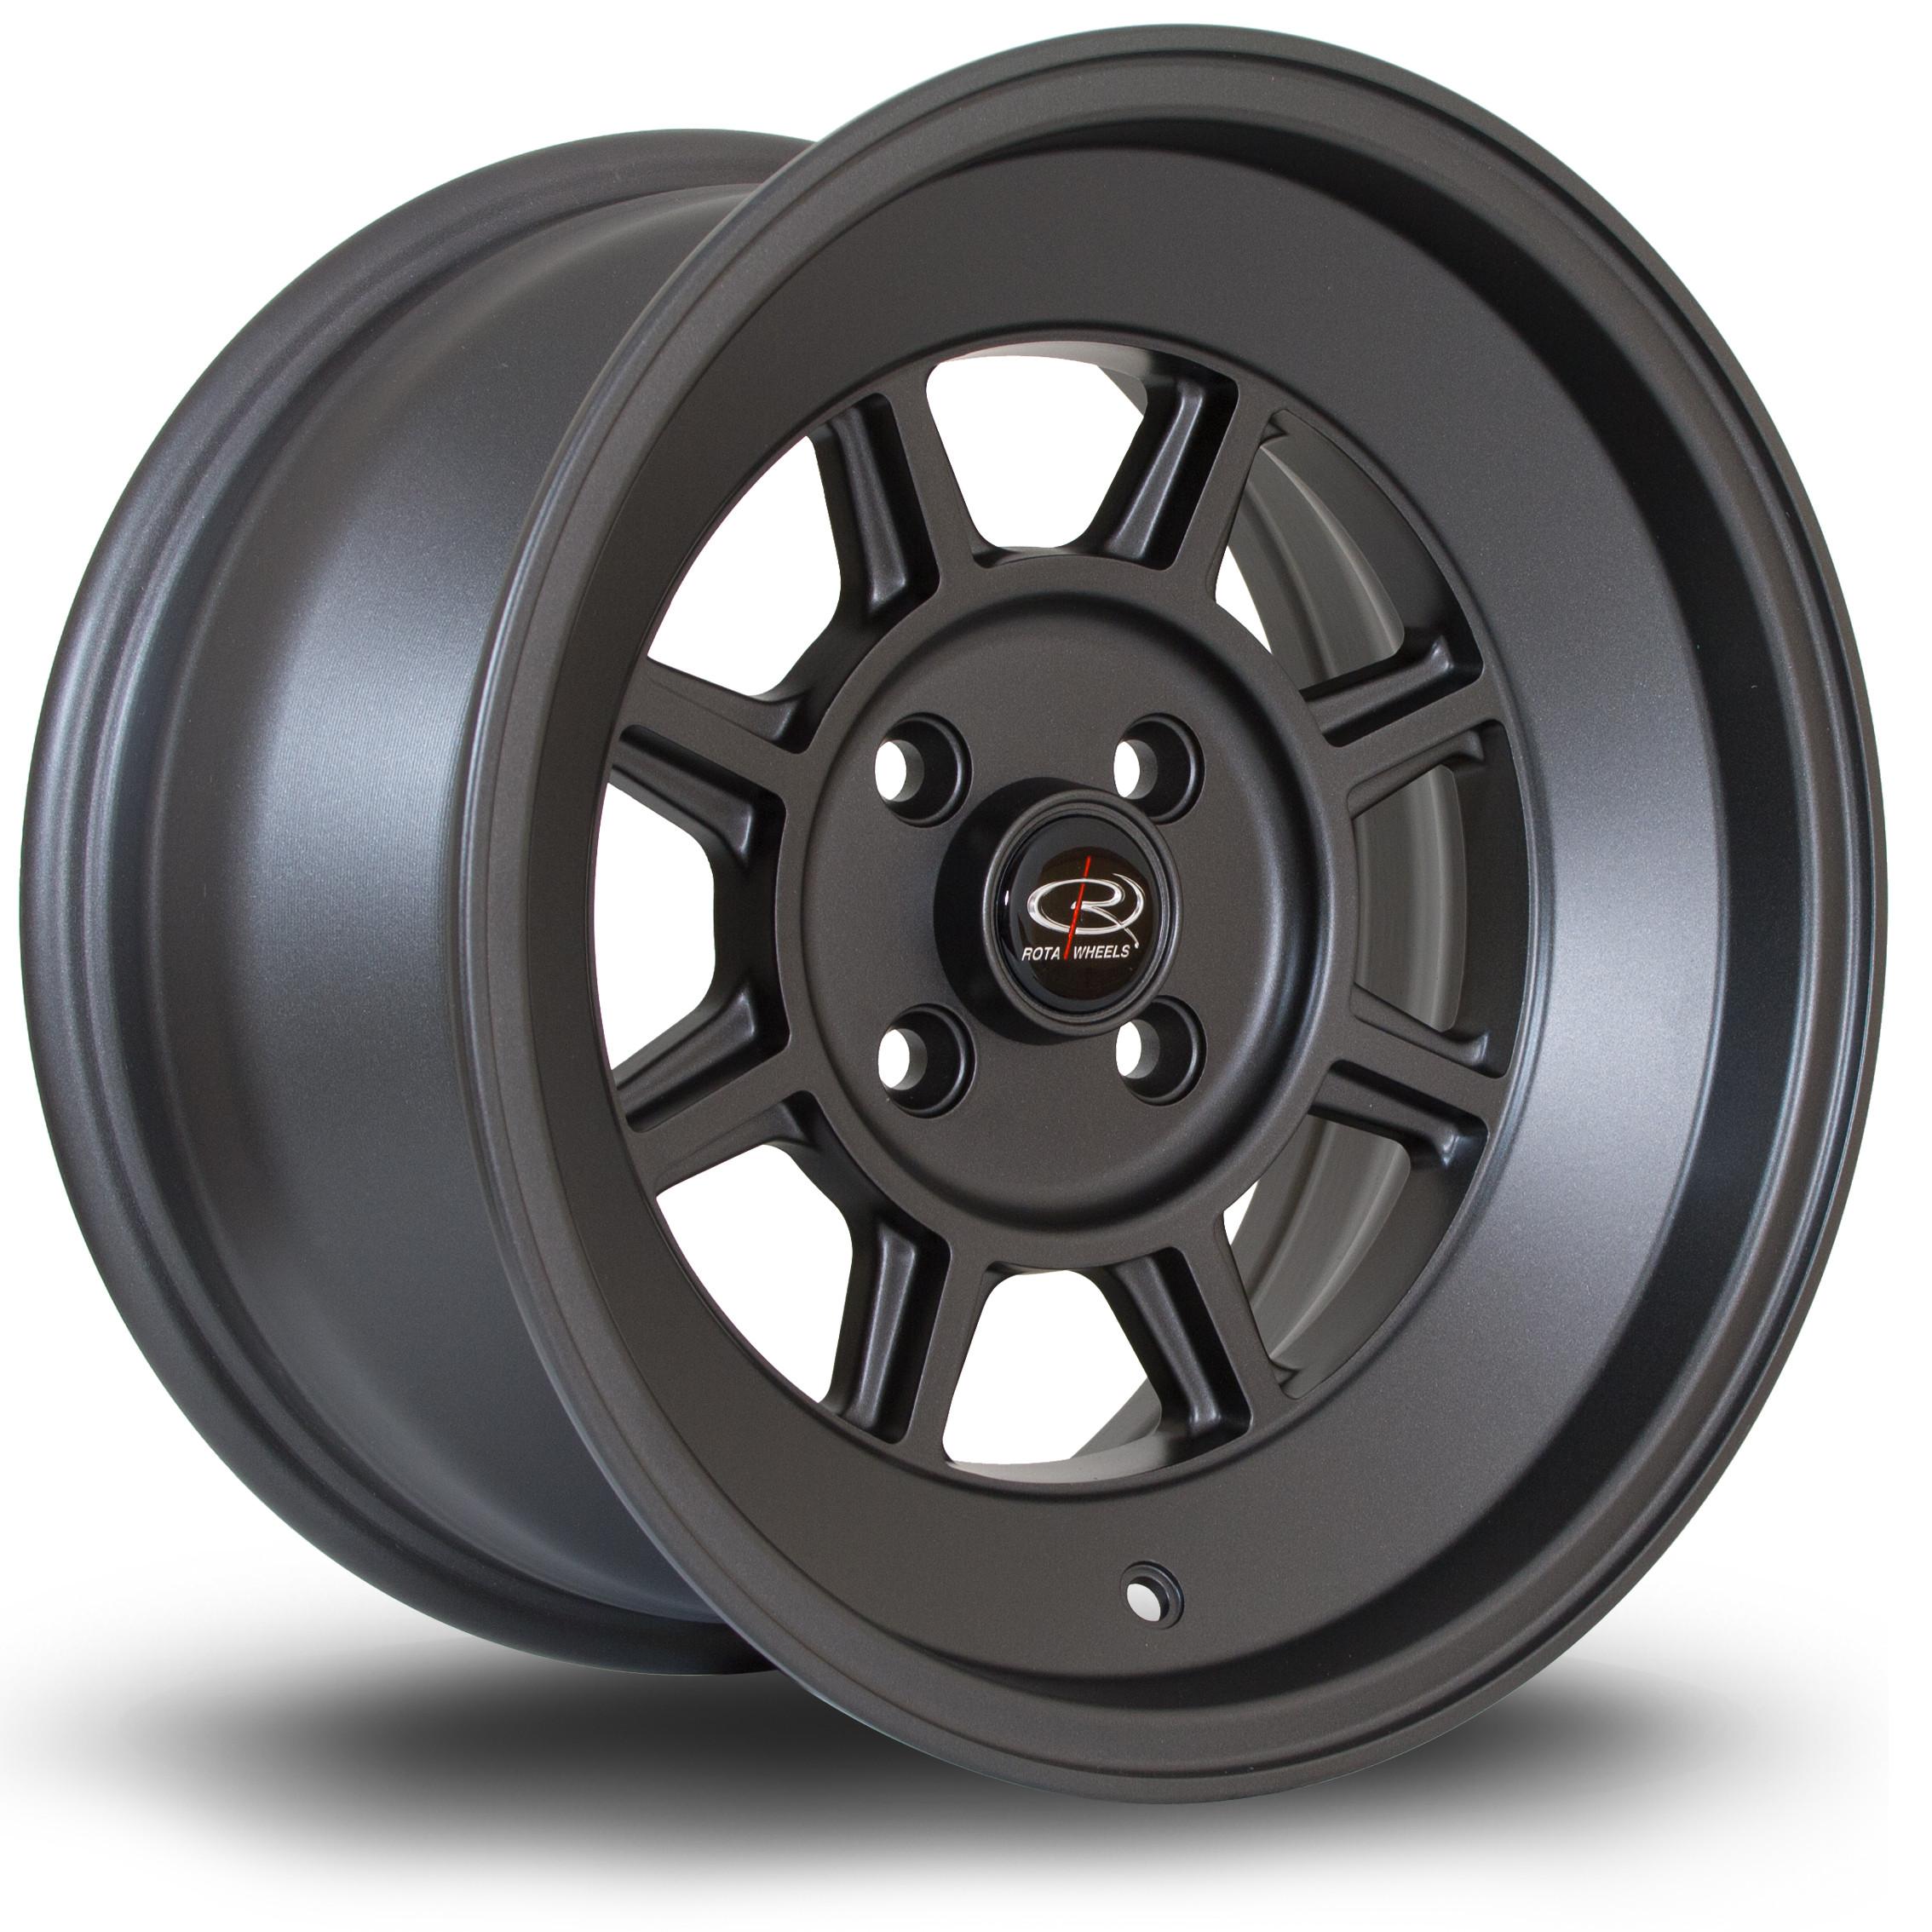 BM8 15x8 4x100 ET10 Matte Bronze - Rota Wheels